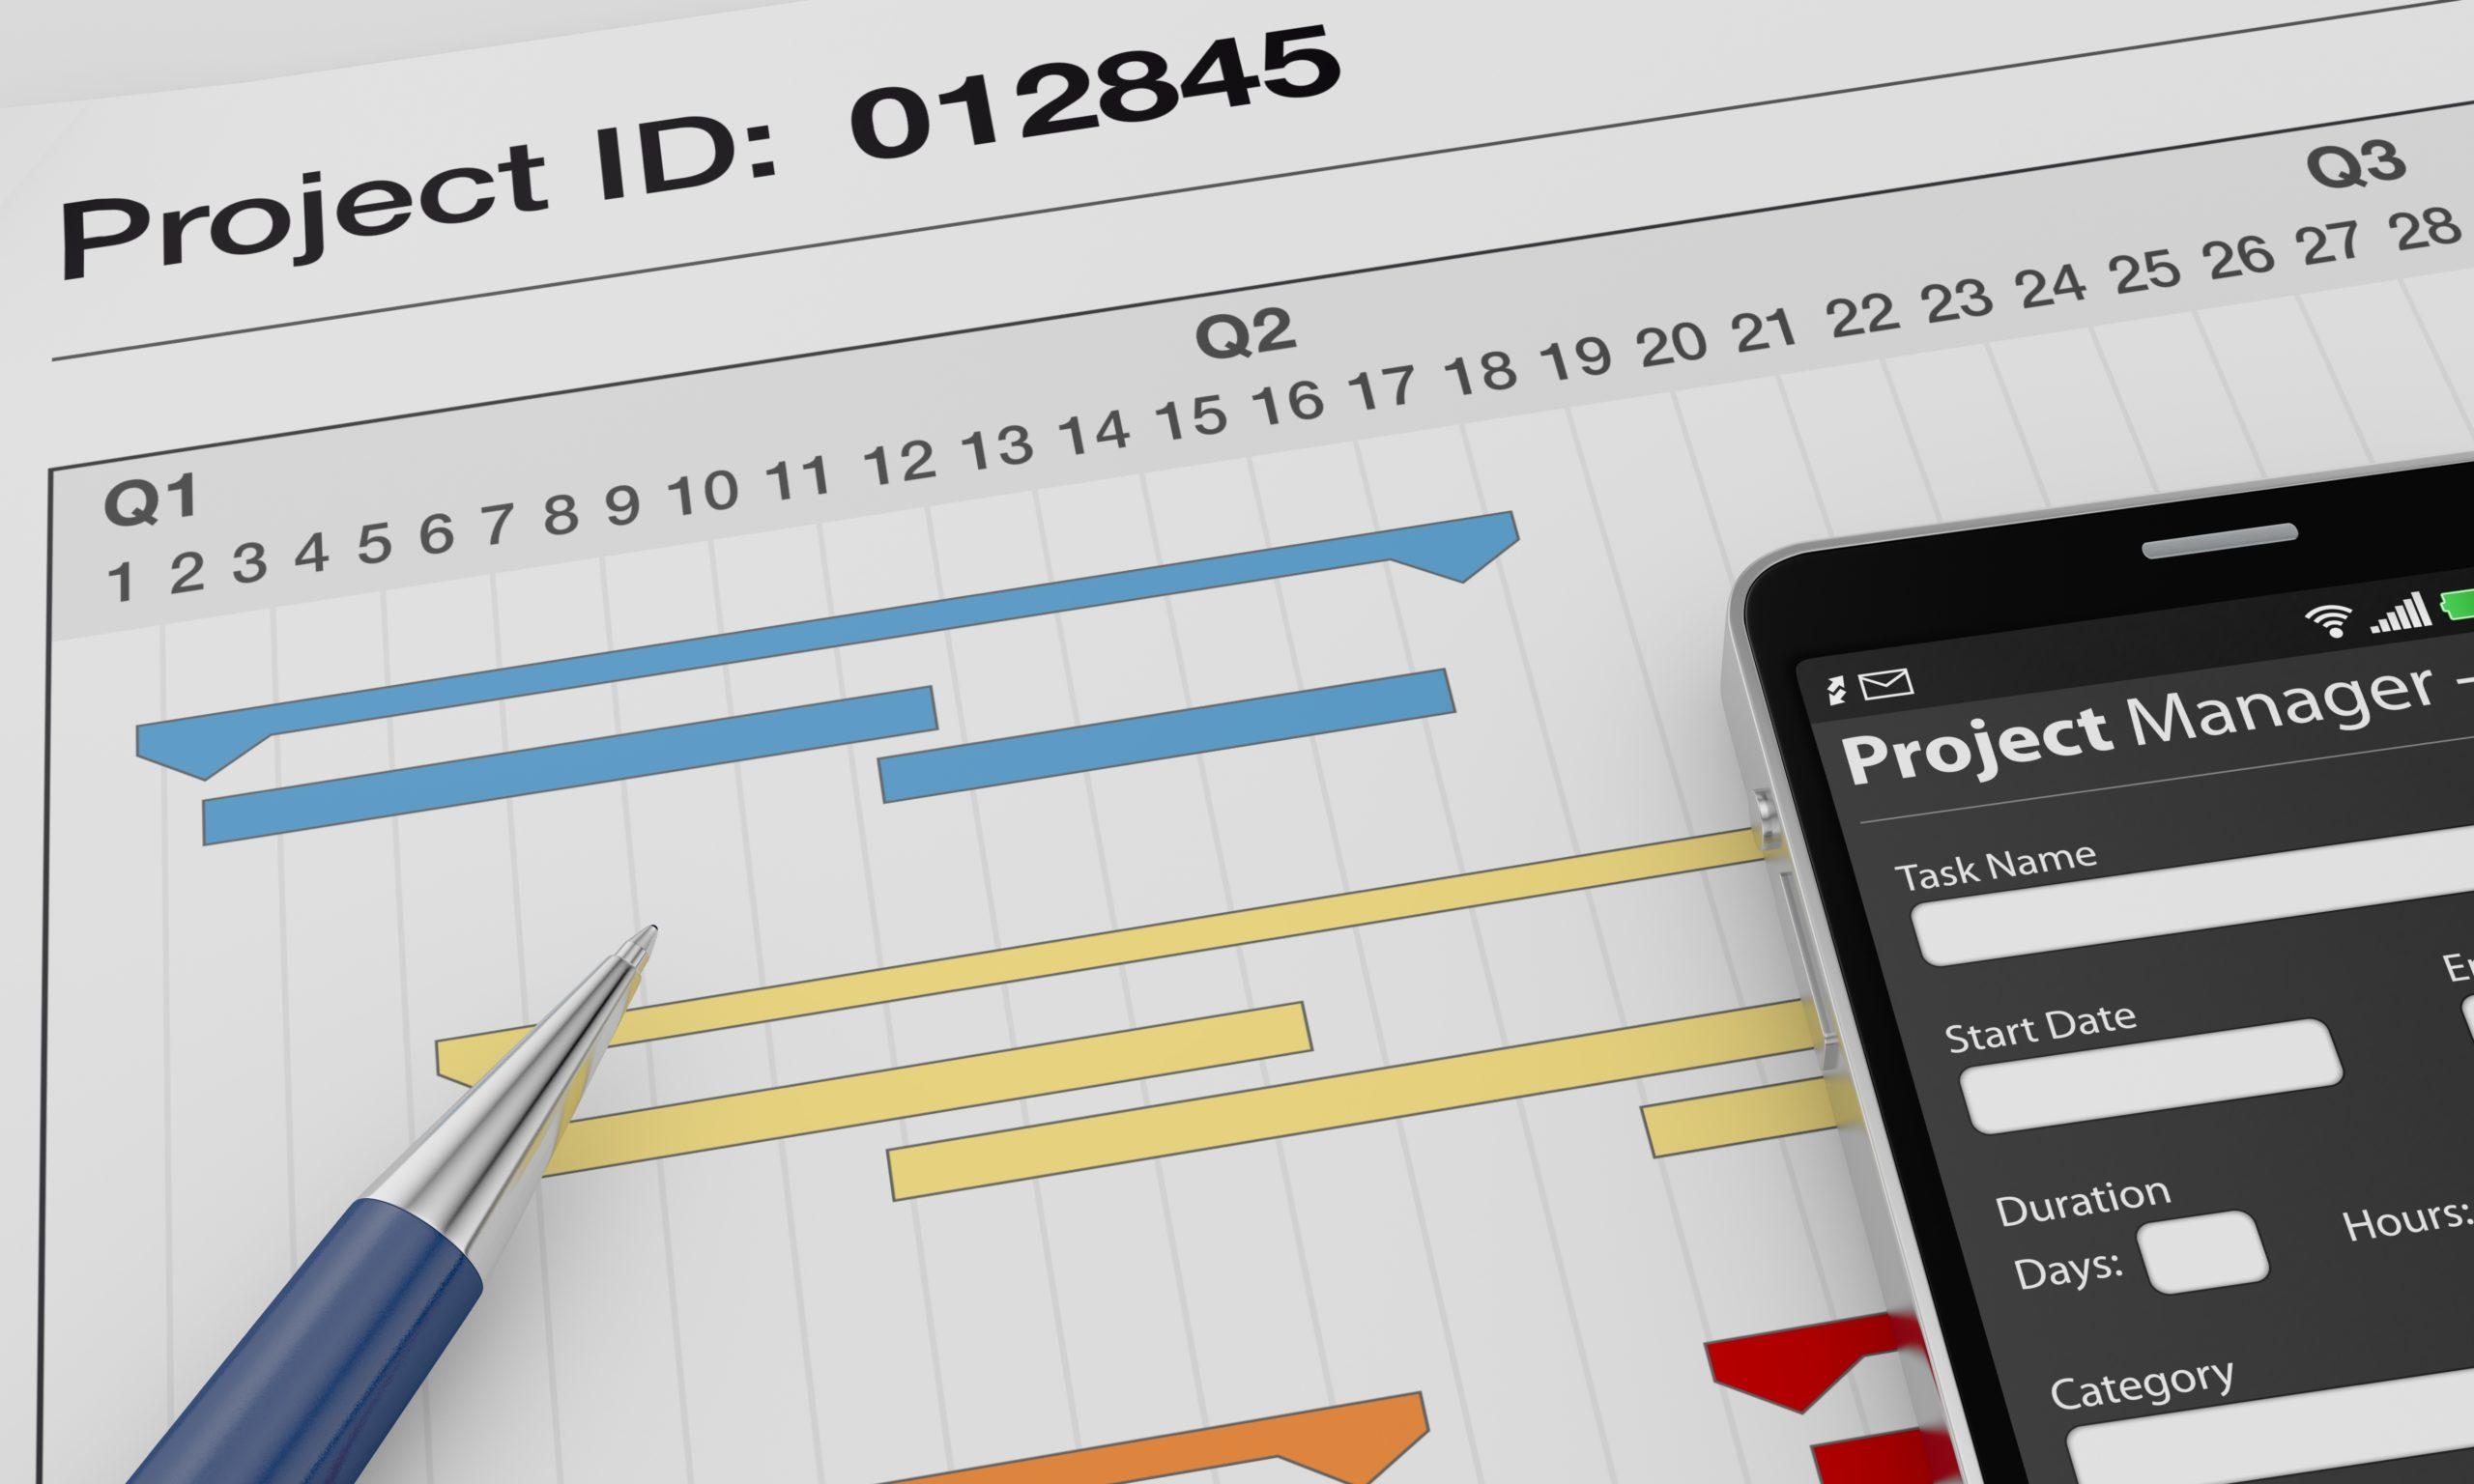 プロジェクトマネージャーアプリとガントチャートを含むドキュメントを含む1つの携帯電話